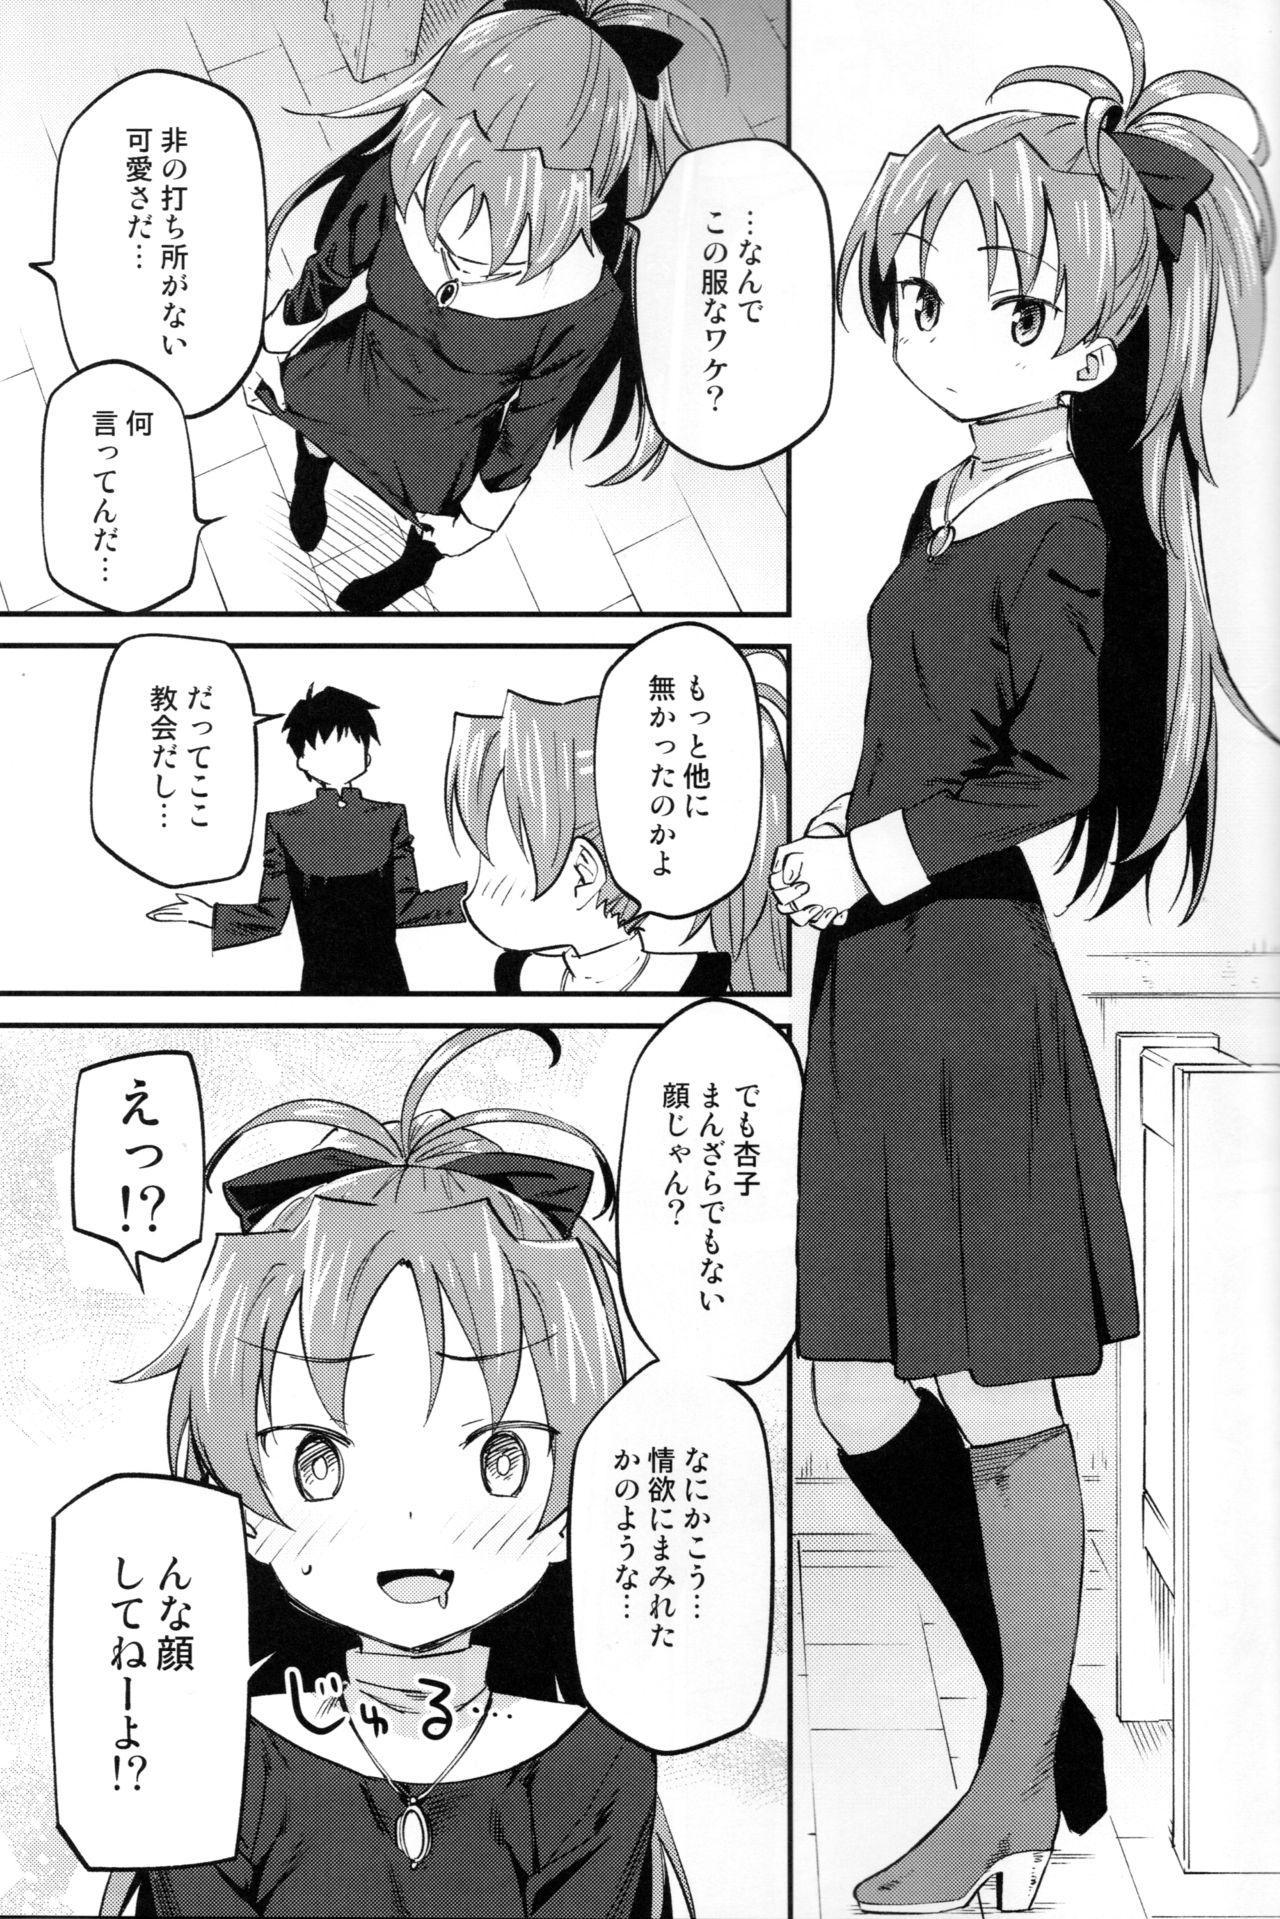 Kyouko to Are Suru Hon 3 15